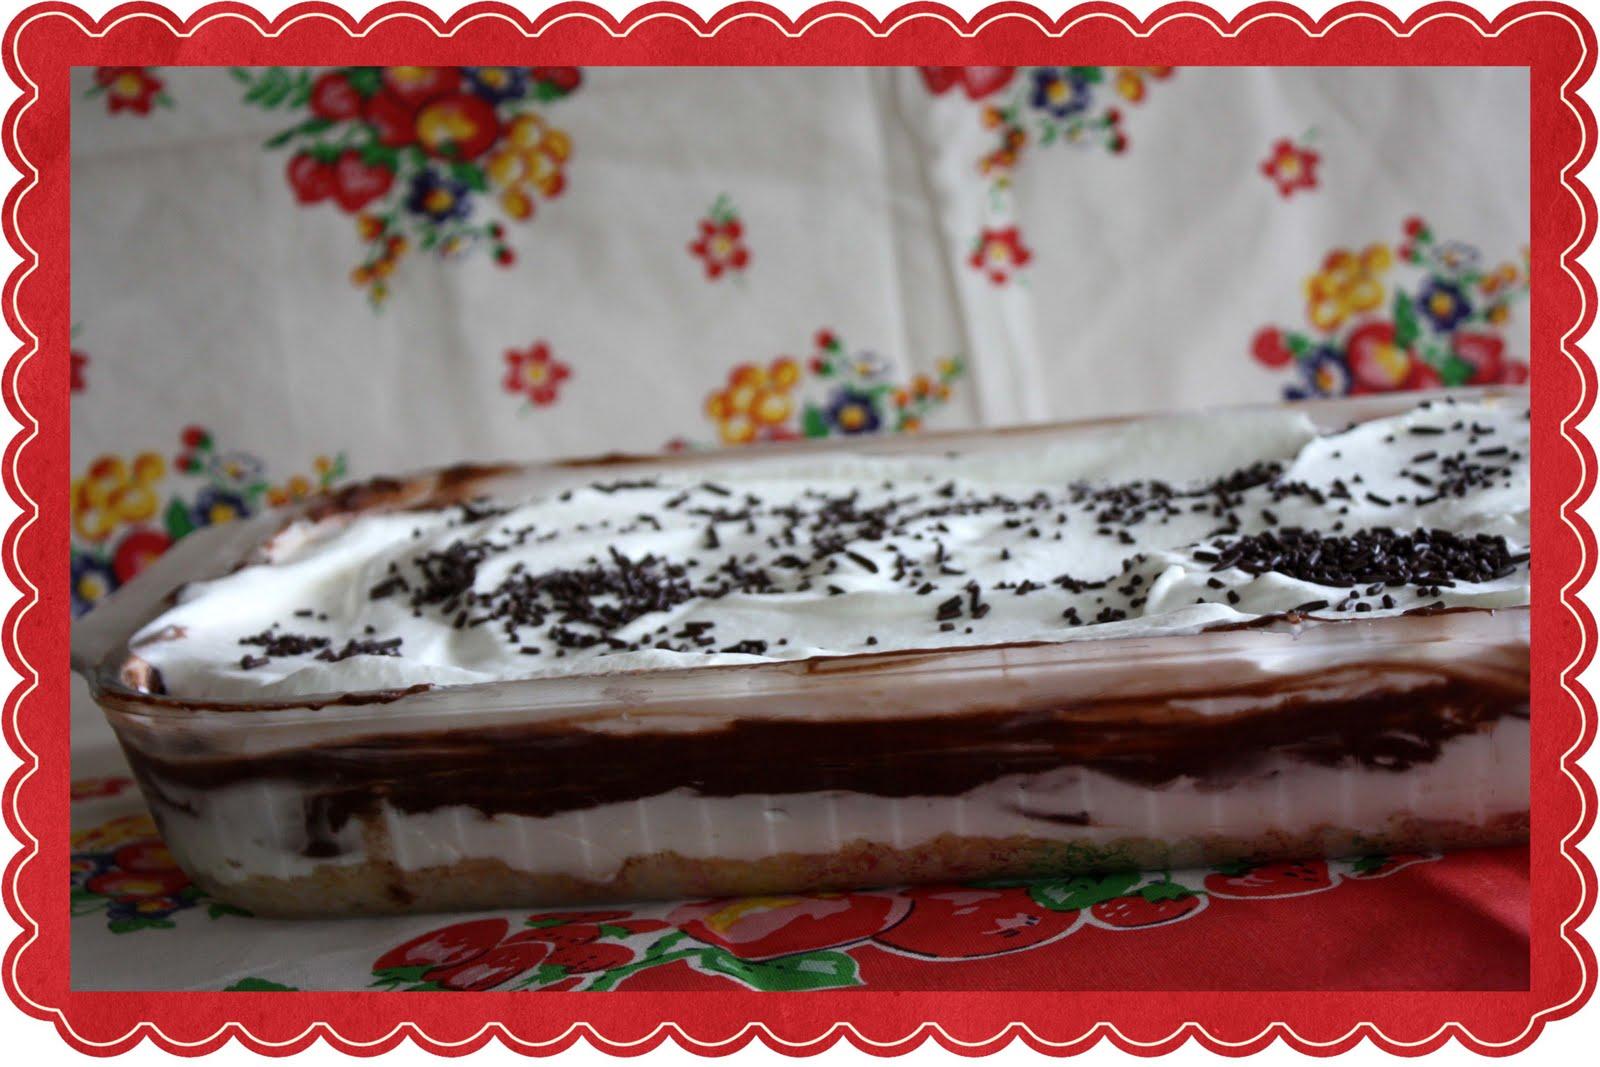 [choc.+pie+desert]